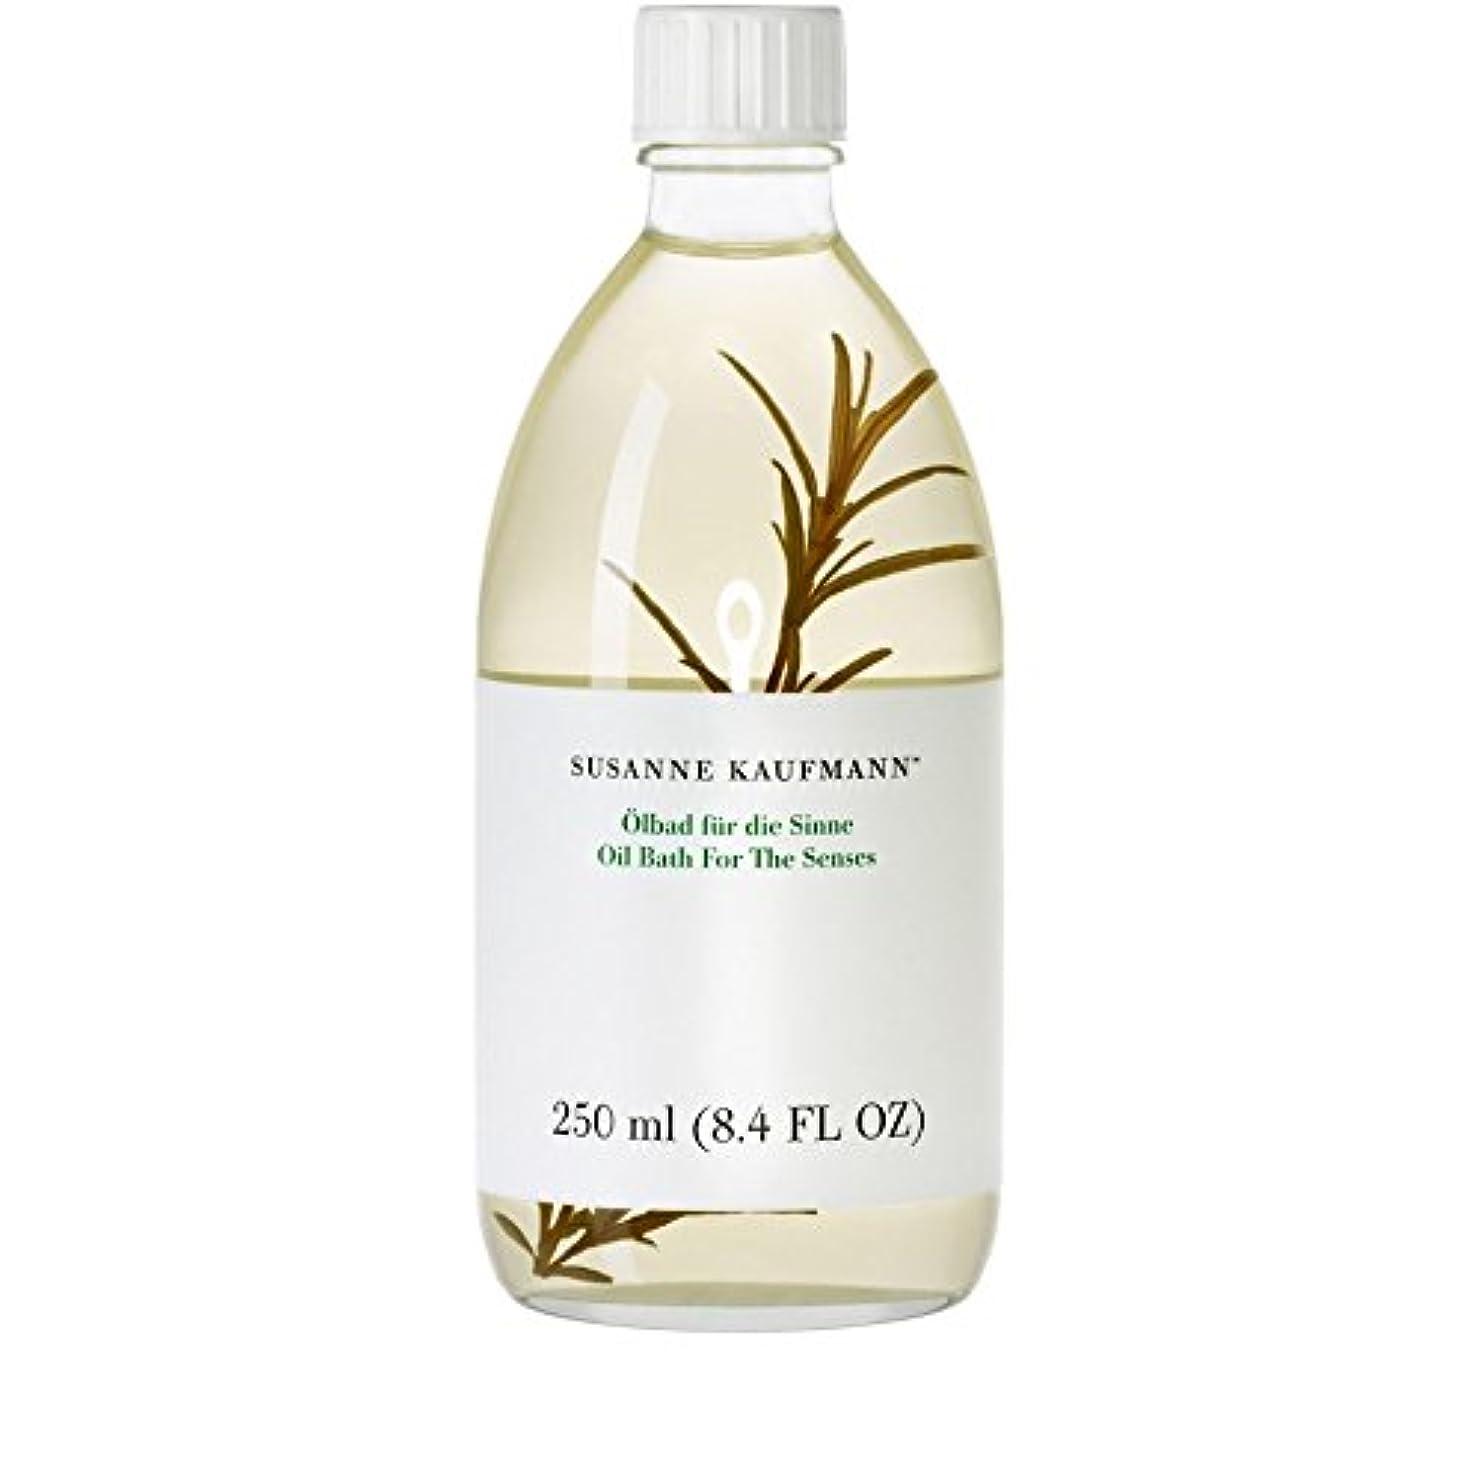 告発人類西部250ミリリットルの感覚のためのスザンヌカウフマンオイルバス x2 - Susanne Kaufmann Oil Bath for the Senses 250ml (Pack of 2) [並行輸入品]